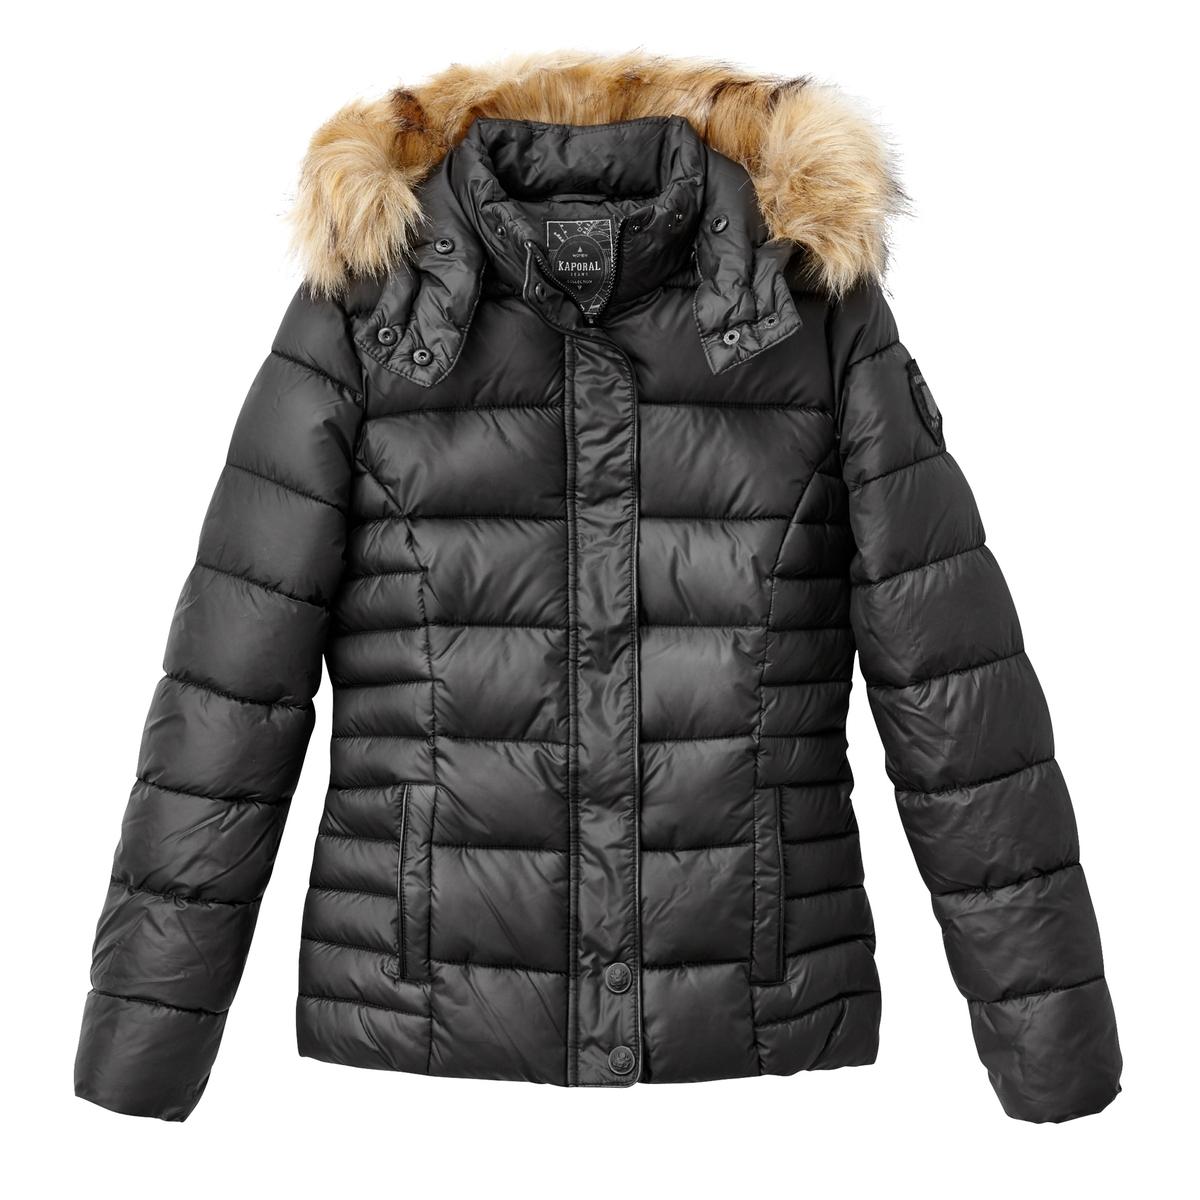 купить Куртка стеганая с капюшоном дешево